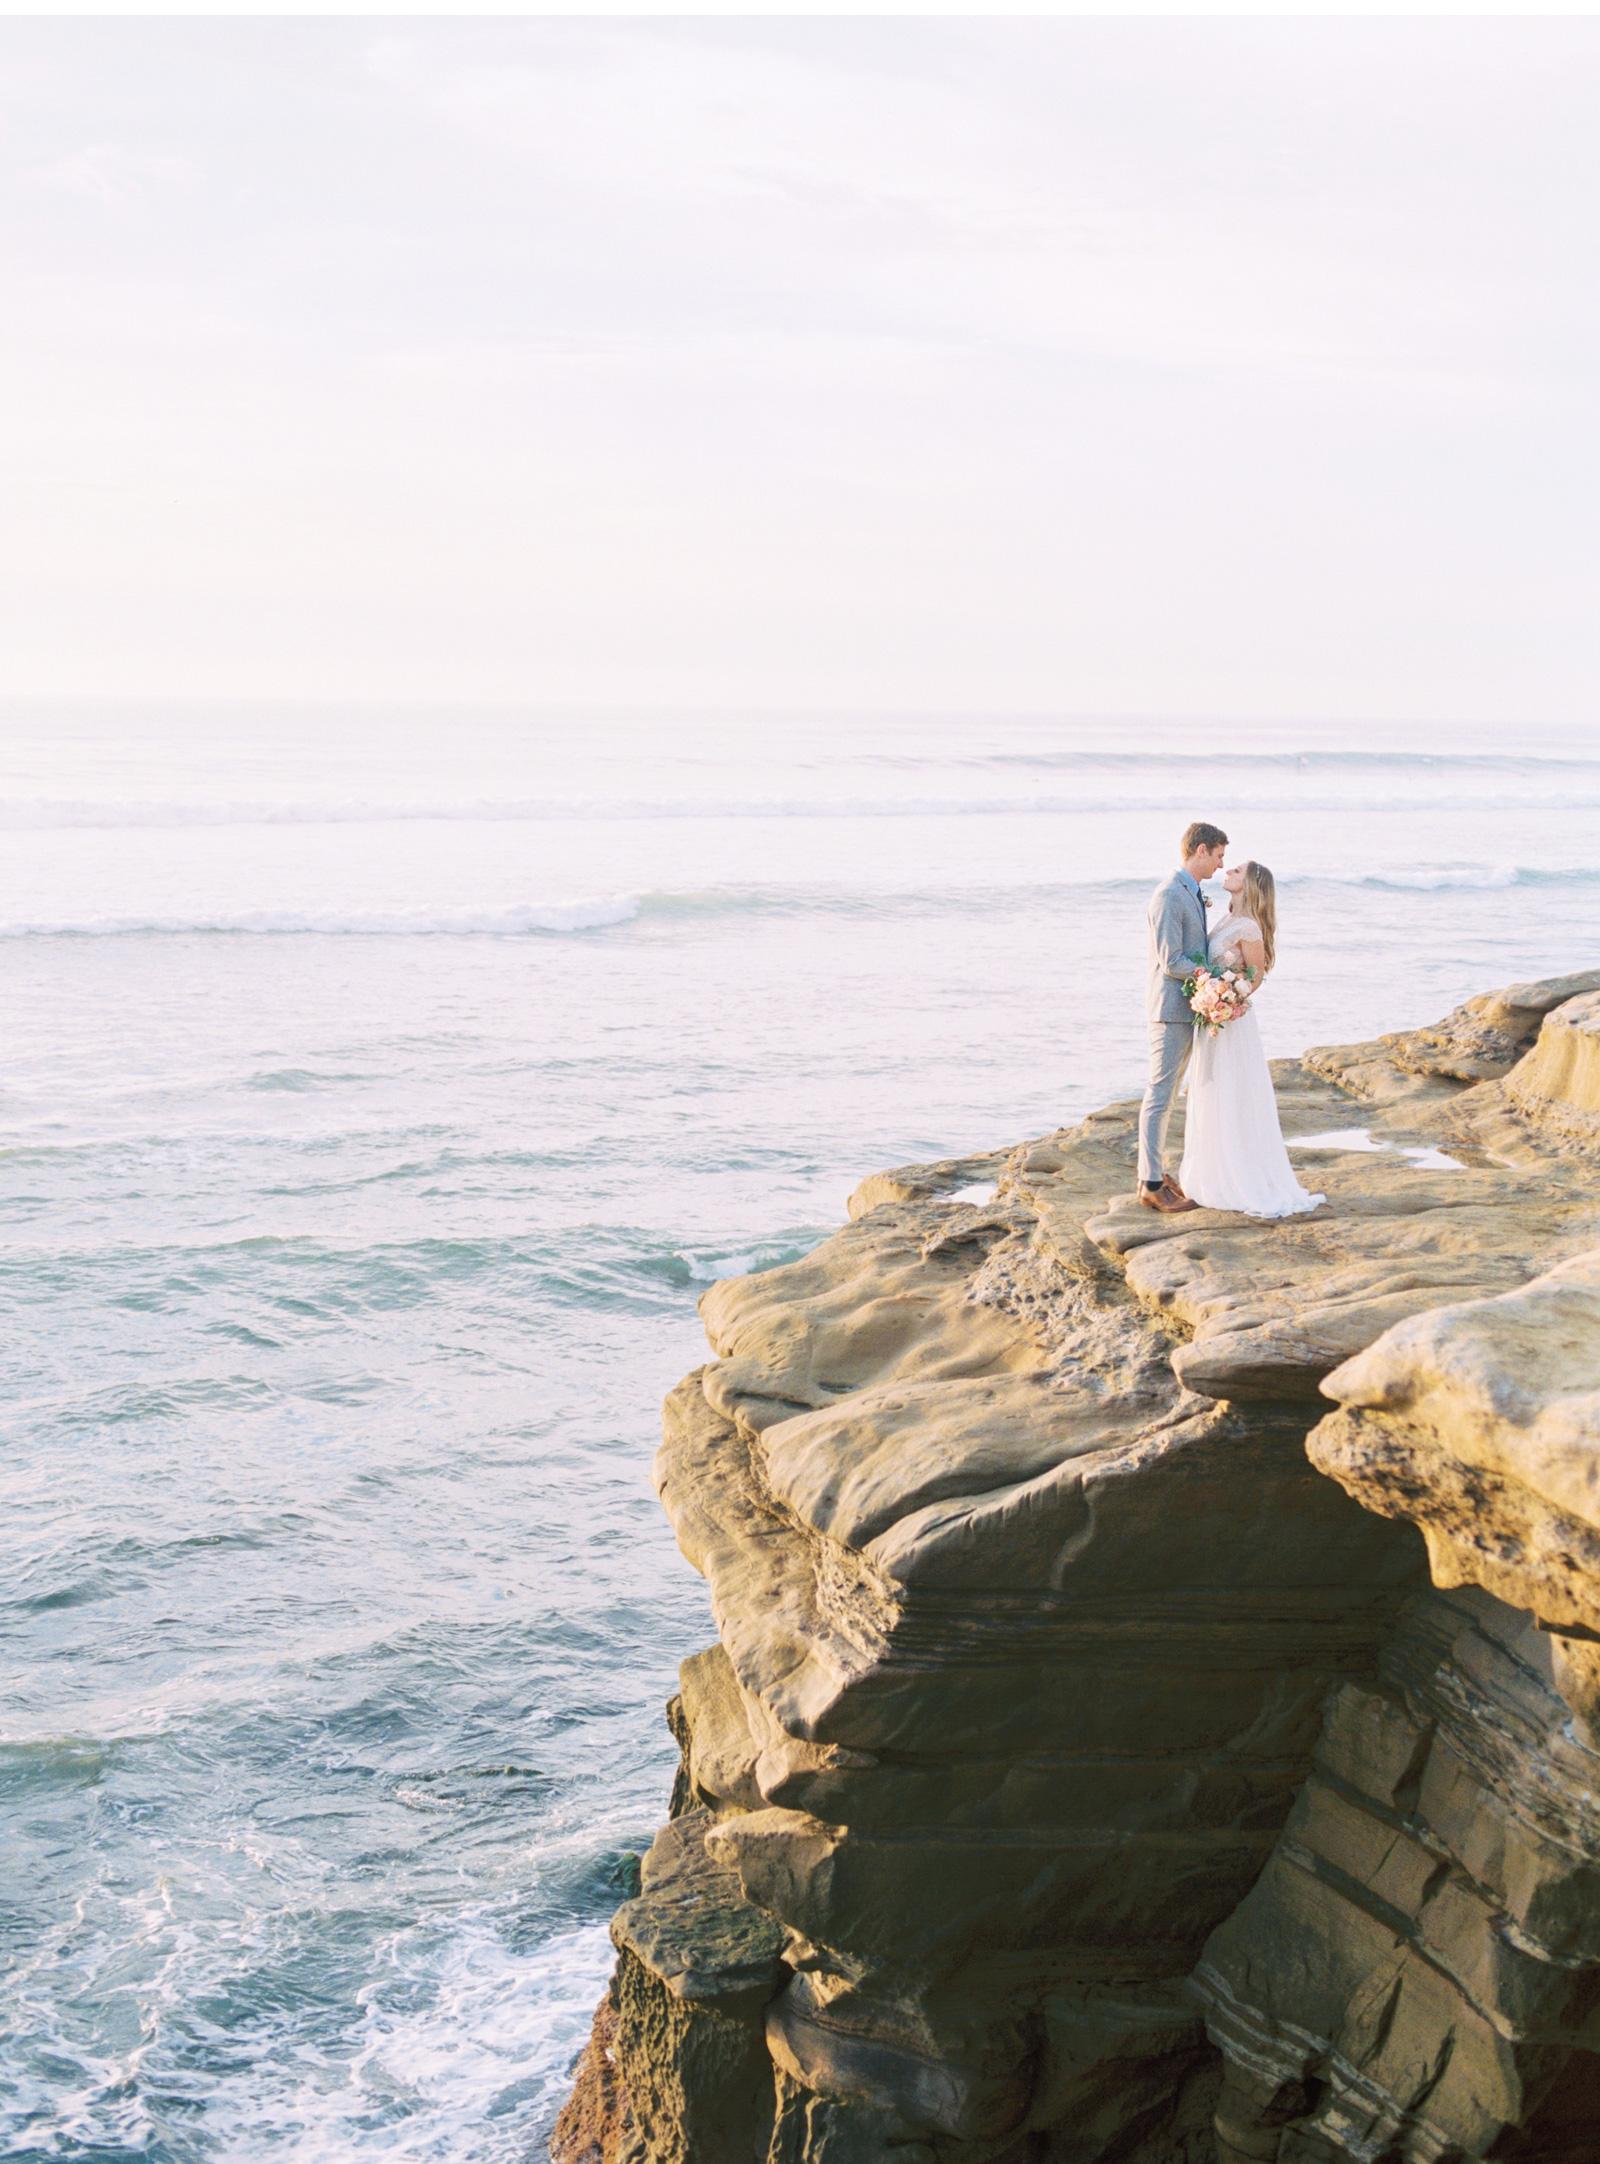 Fine-Art-Southern-California-Wedding-Photographer-Natalie-Schutt-Photography_03.jpg